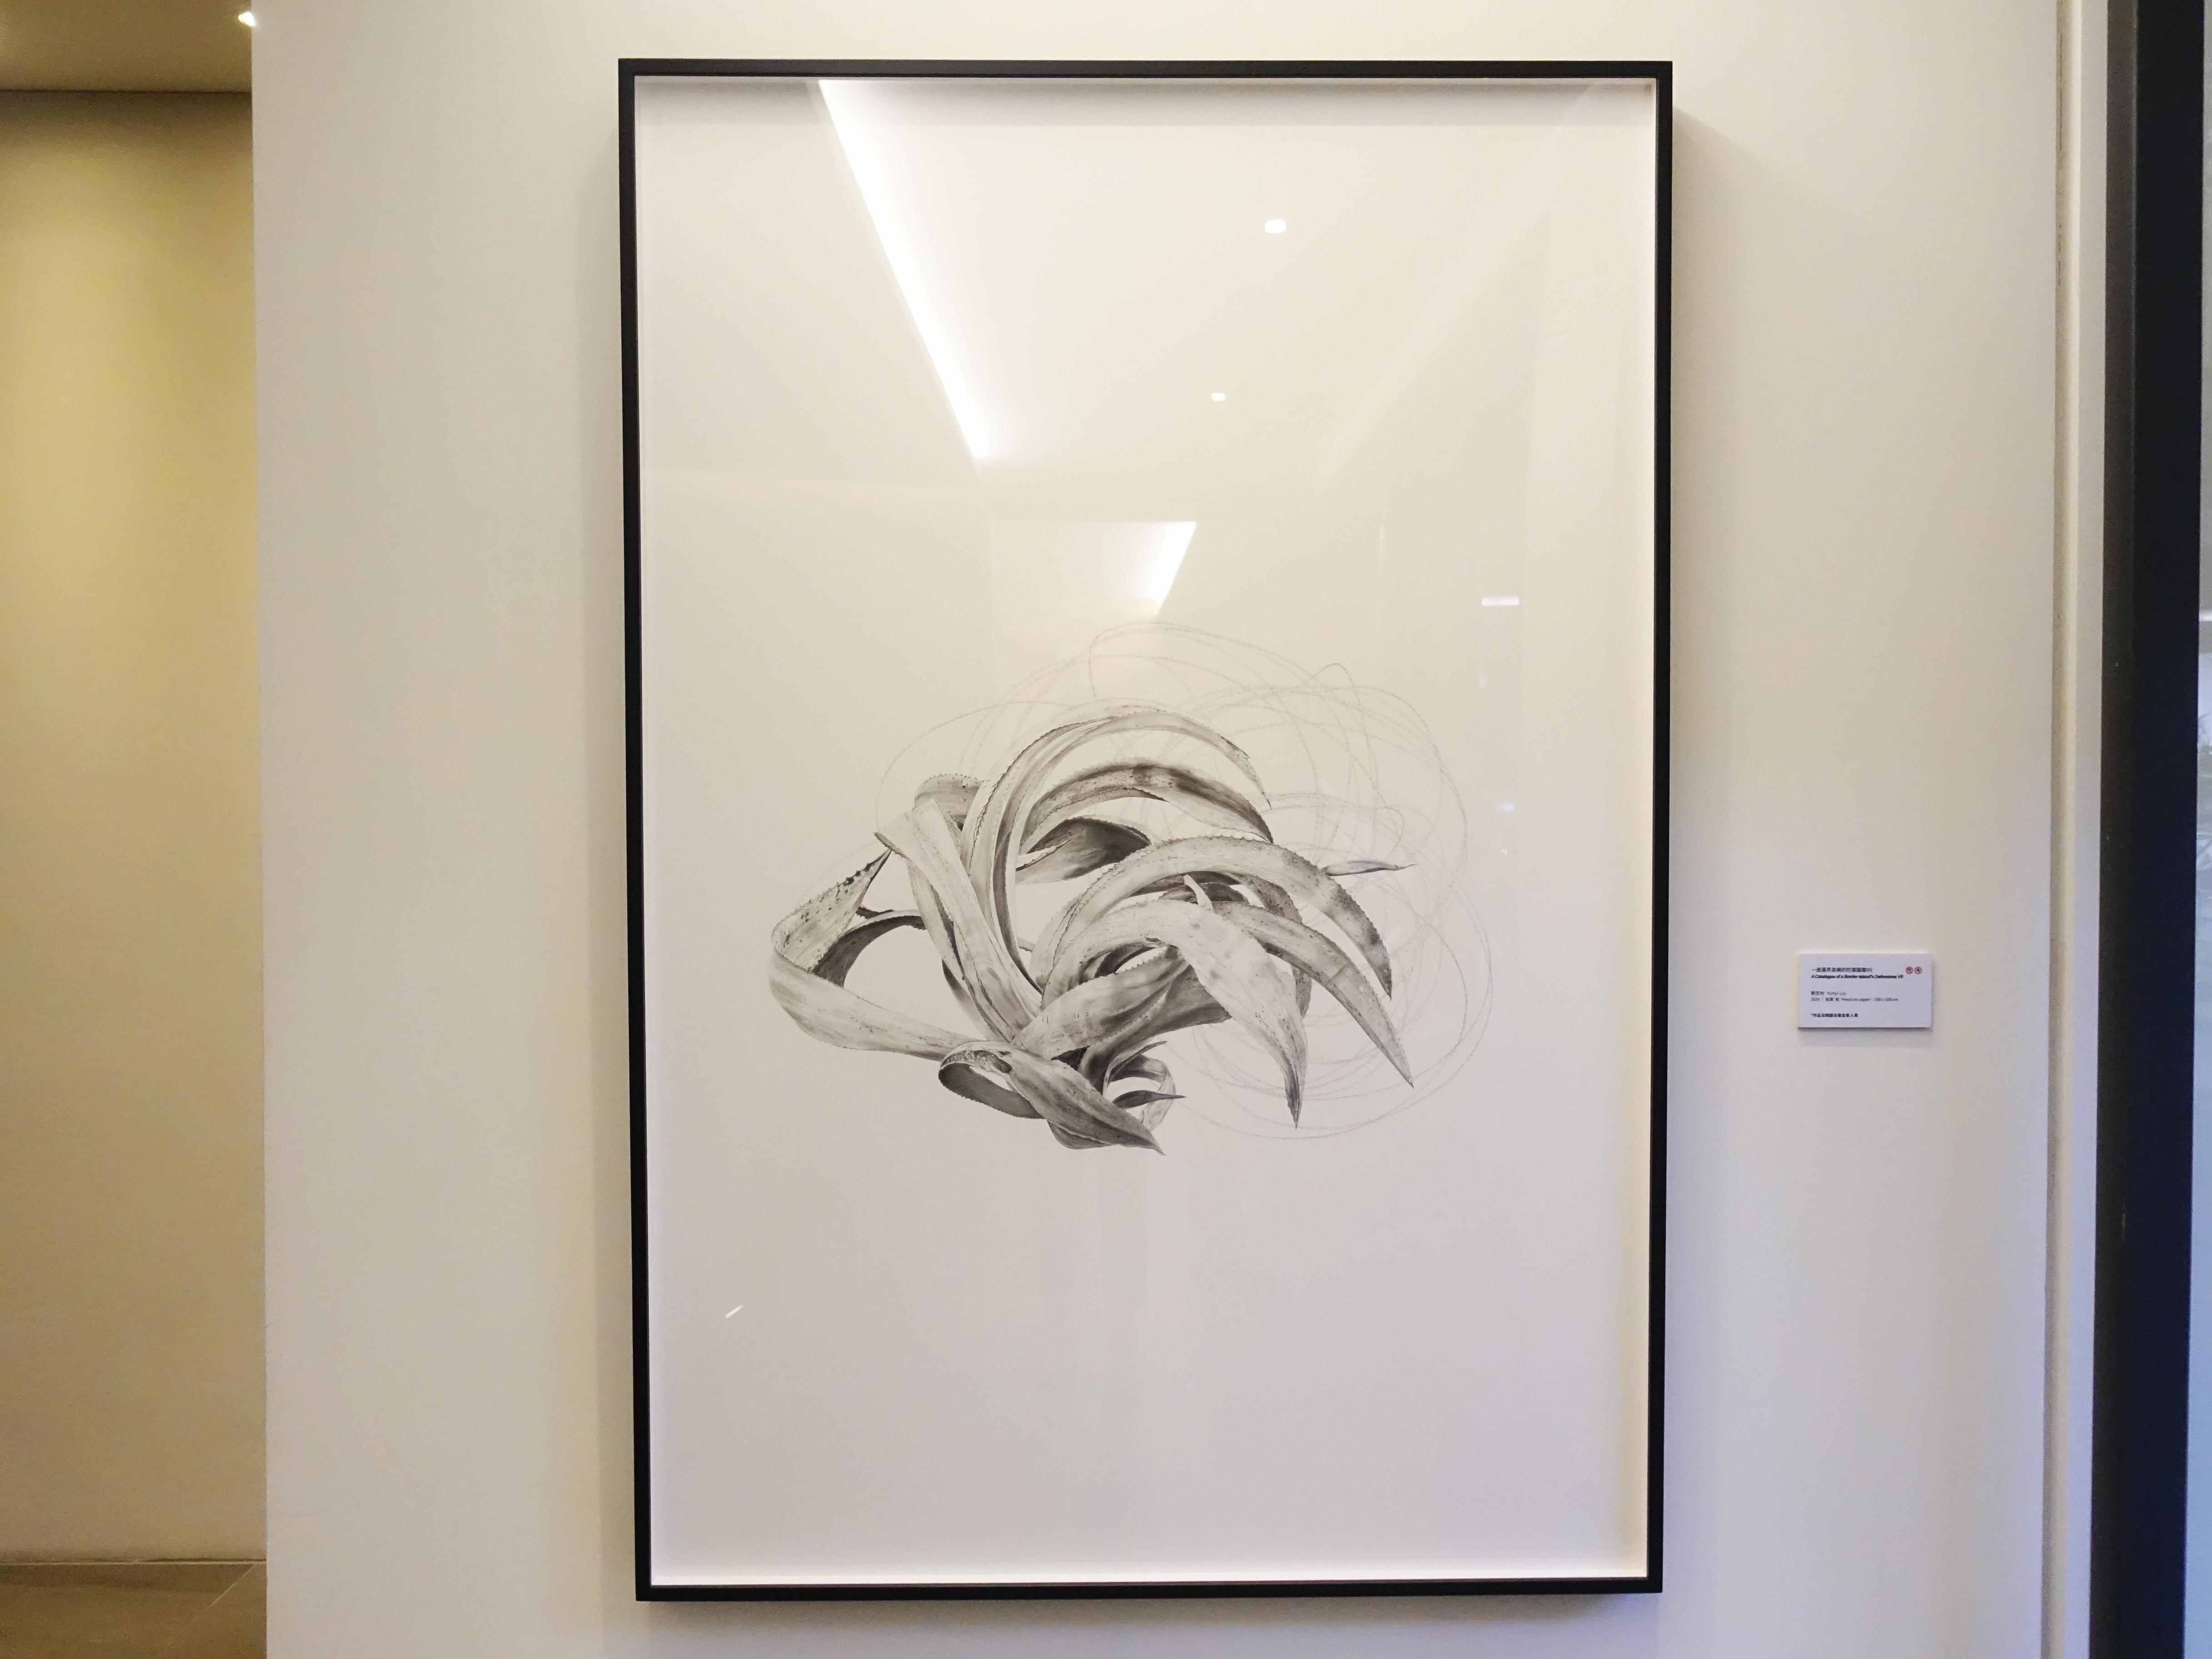 劉芸怡,《一座邊界島嶼的防禦圖鑑VlI》,150 X 100 cm,鉛筆、紙,2019。